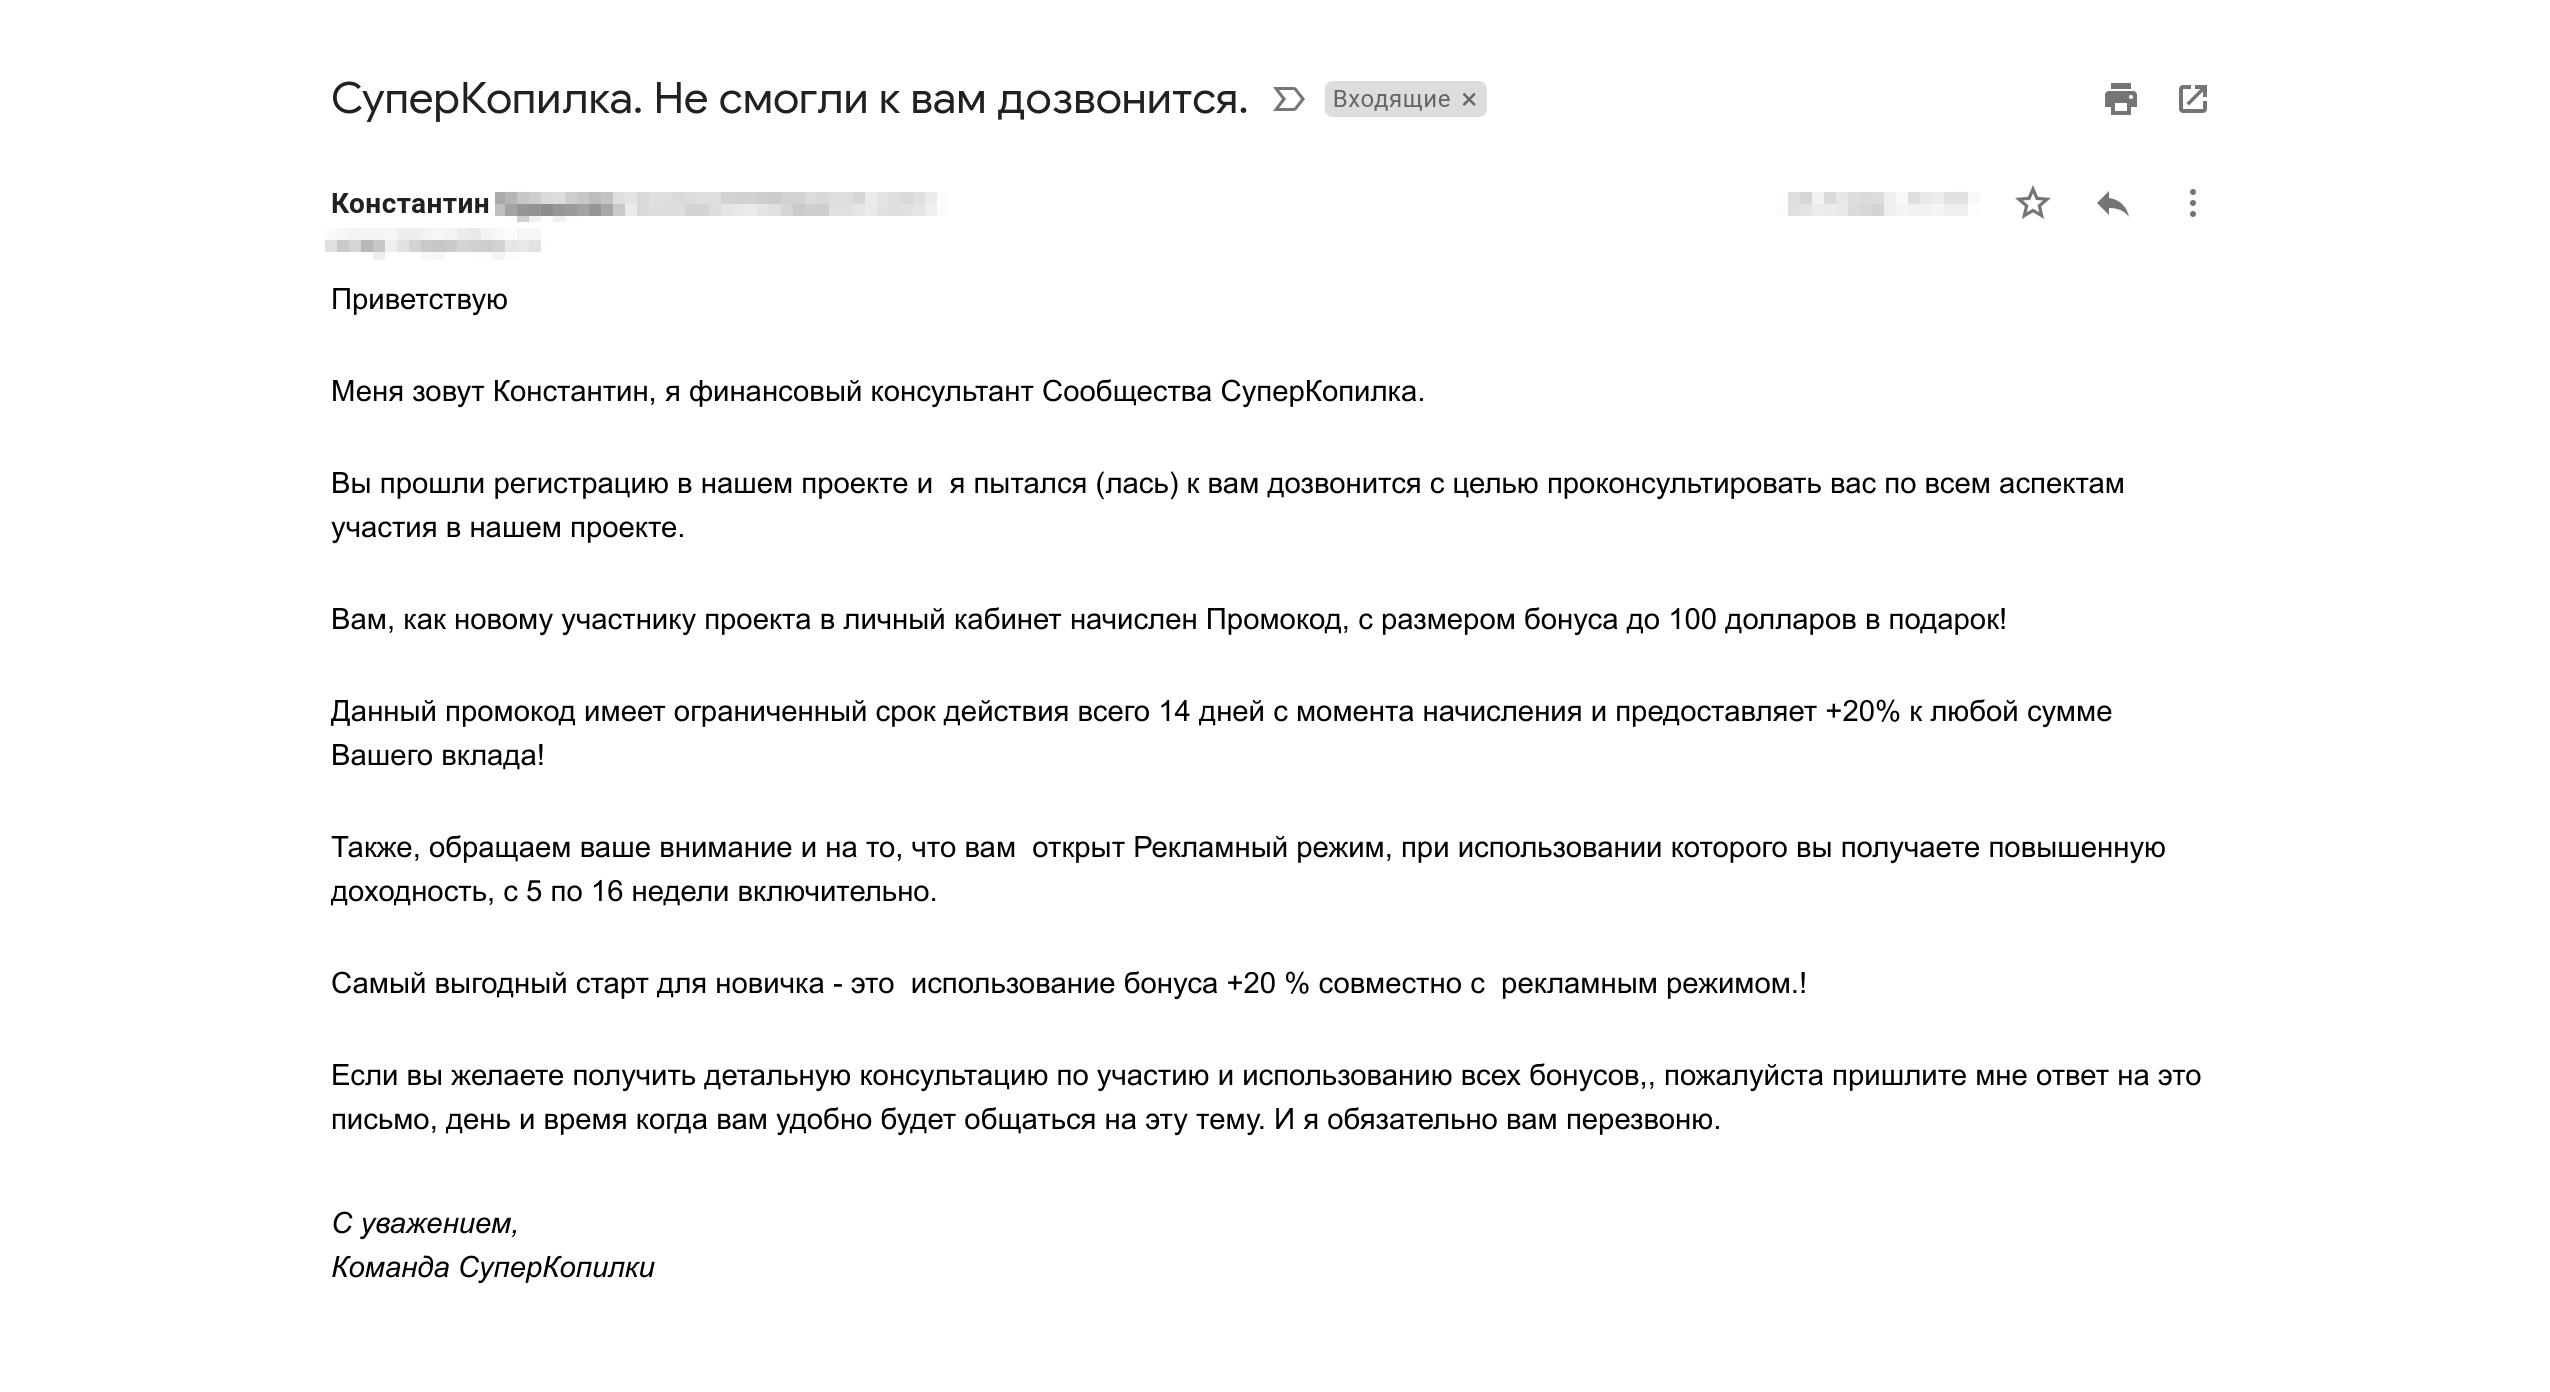 В приветственном письме «Суперкопилки» финансовый консультант Константин рассказывает, как мне сделать сообщество богаче. Извини, Константин, ты пытался